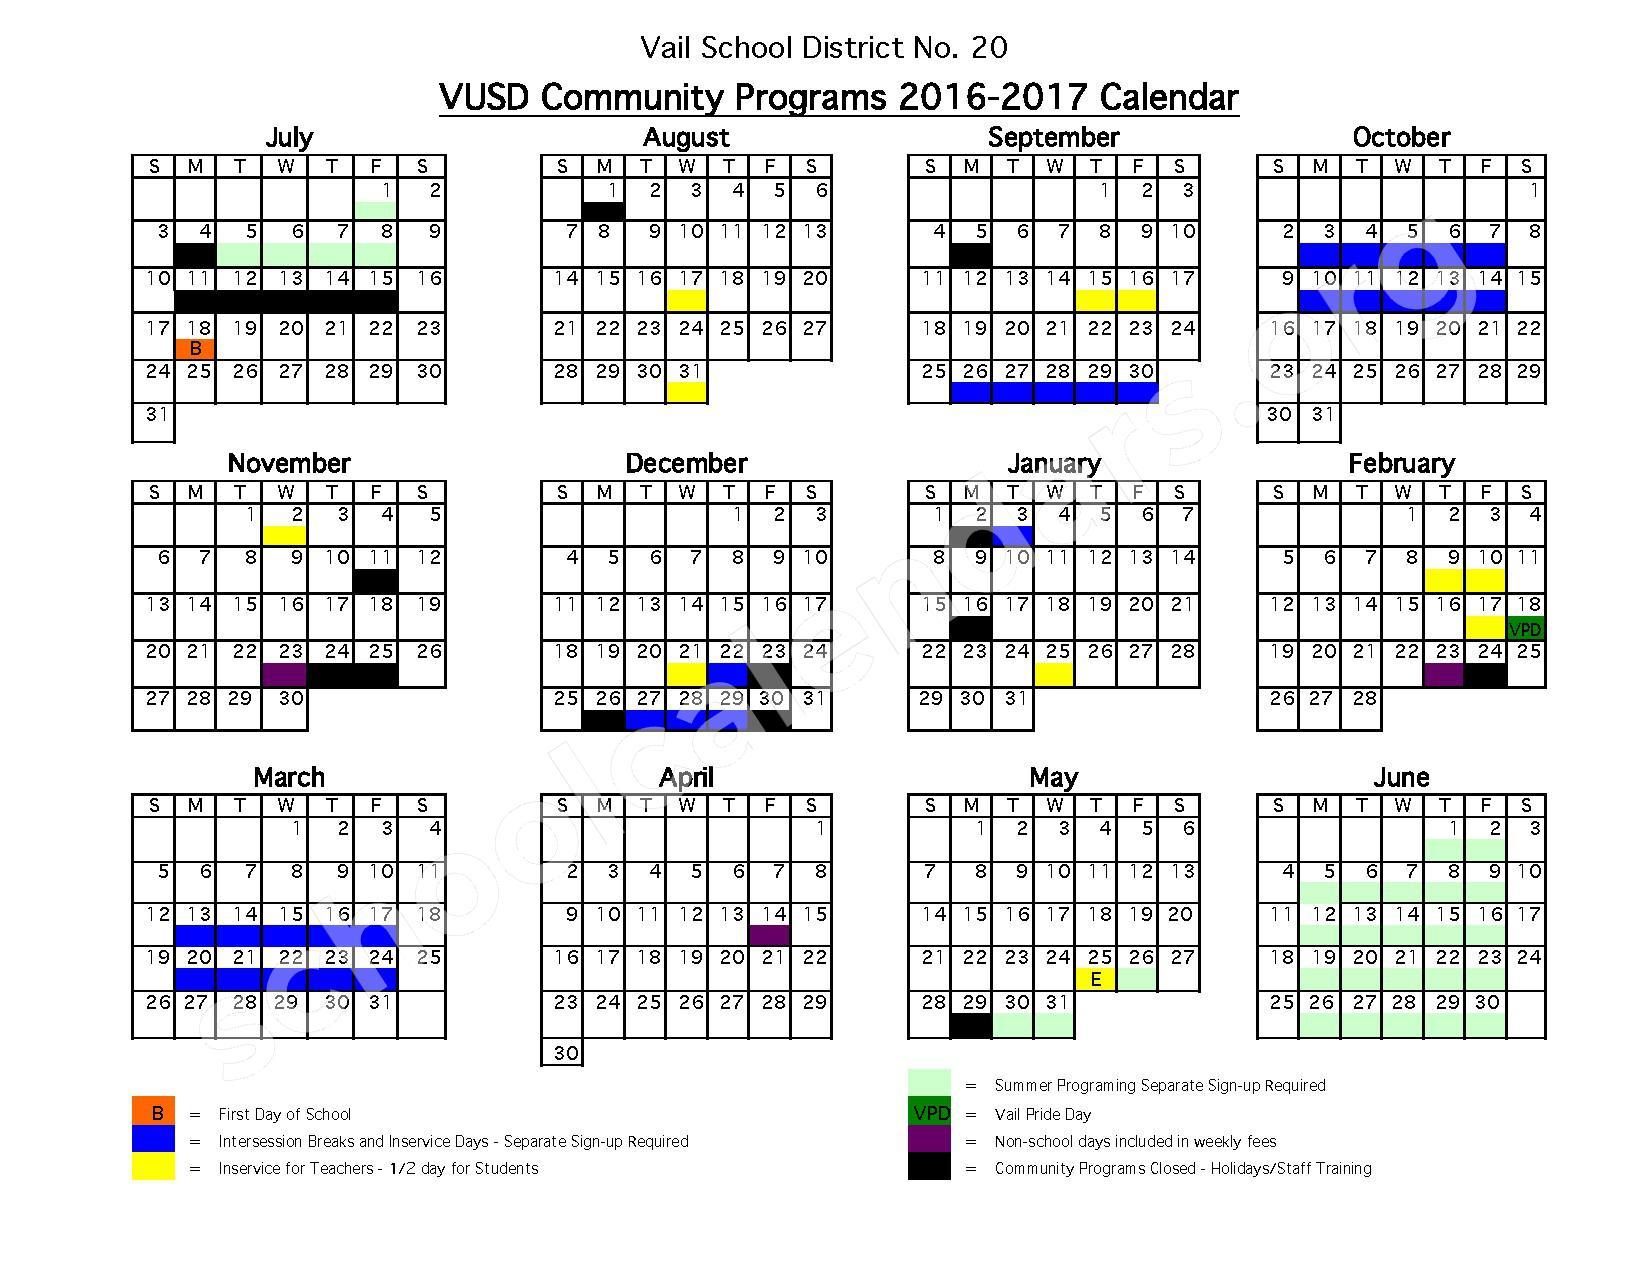 2016 - 2017 VUSD Community Programs Calendar – Vail Digital Learning Program – page 1